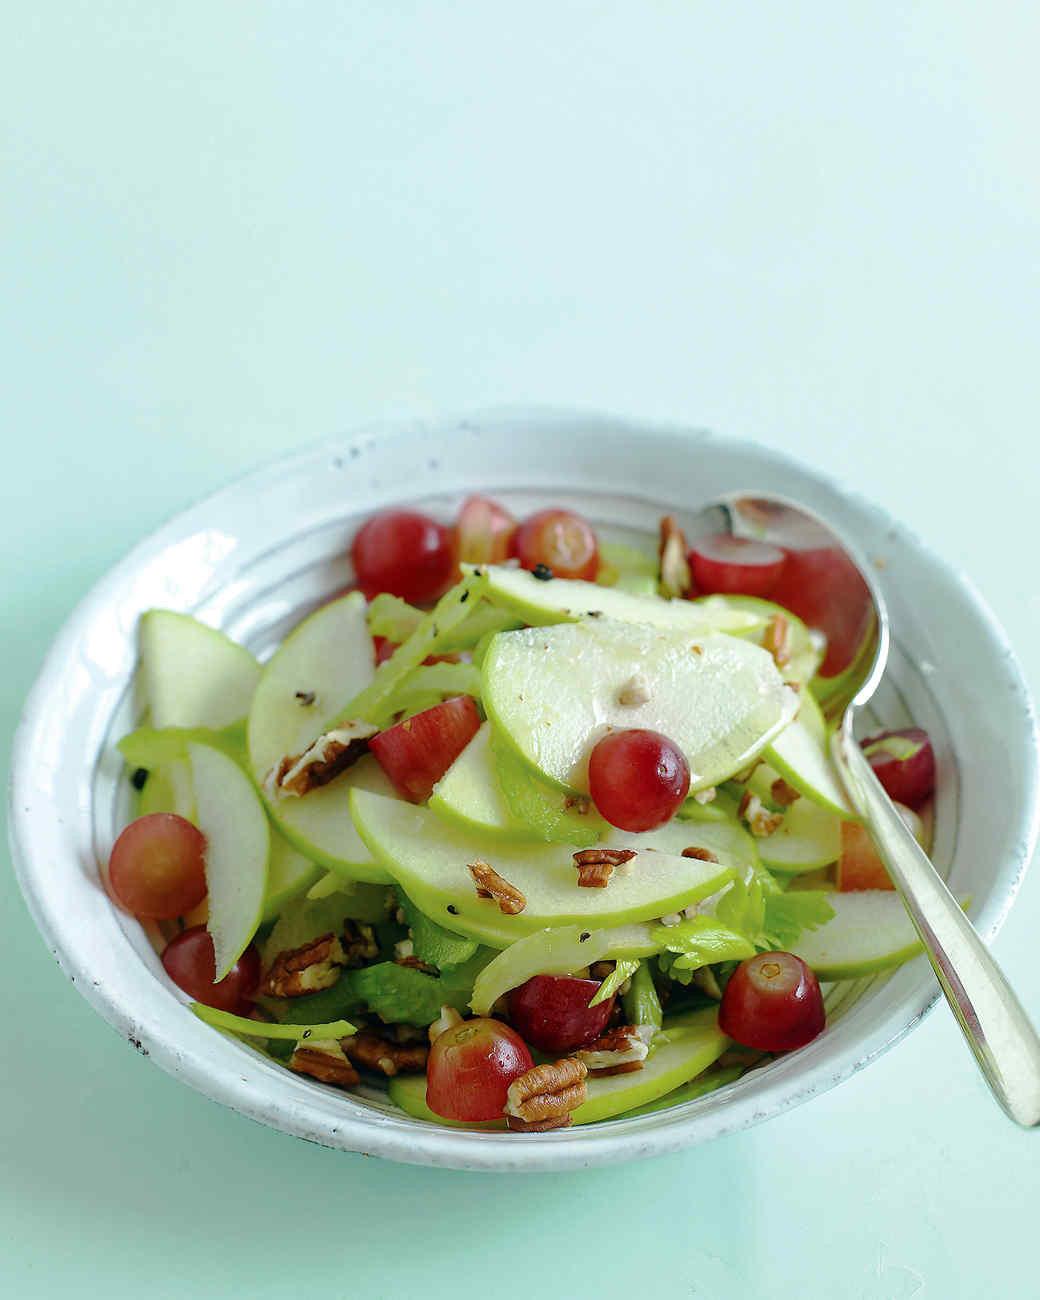 Apple Salad Recipes  Apple Grape and Celery Salad Recipe